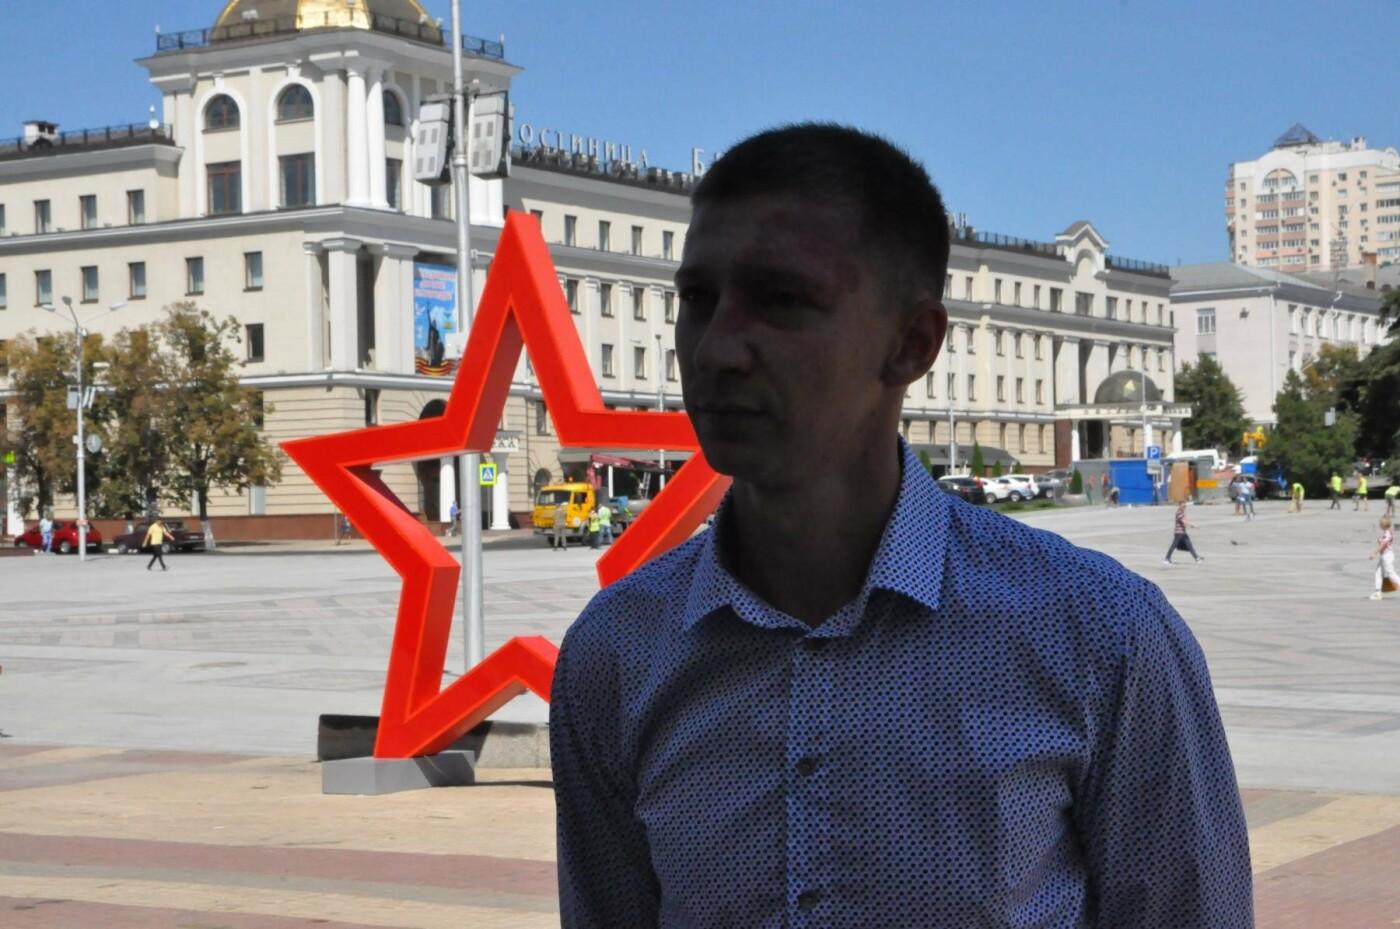 Строители прокомментировали второй этап реконструкции Соборной площади, фото-1